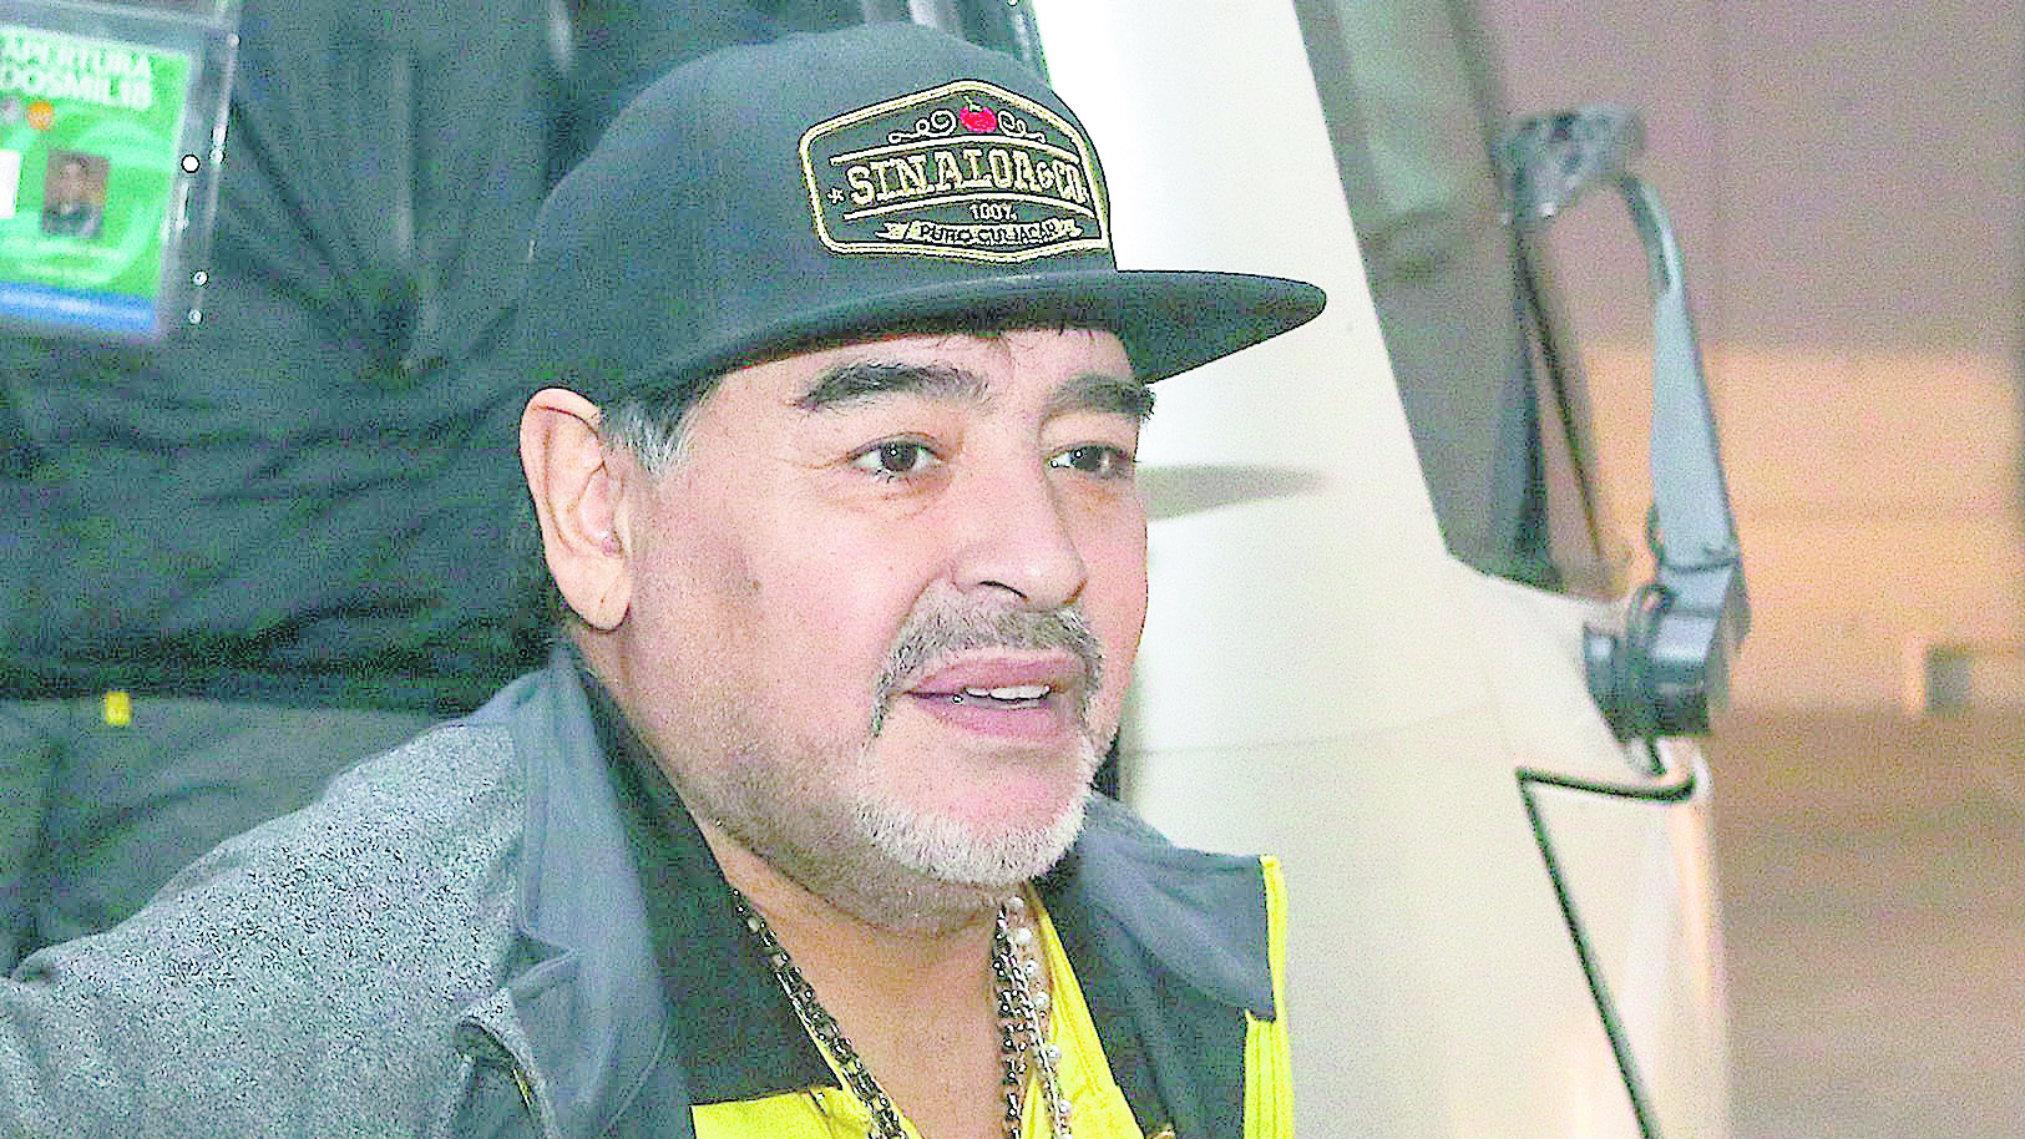 UAEM Diego Armando Maradona El Pibe Torneo Clausura 2019 Los Dorados